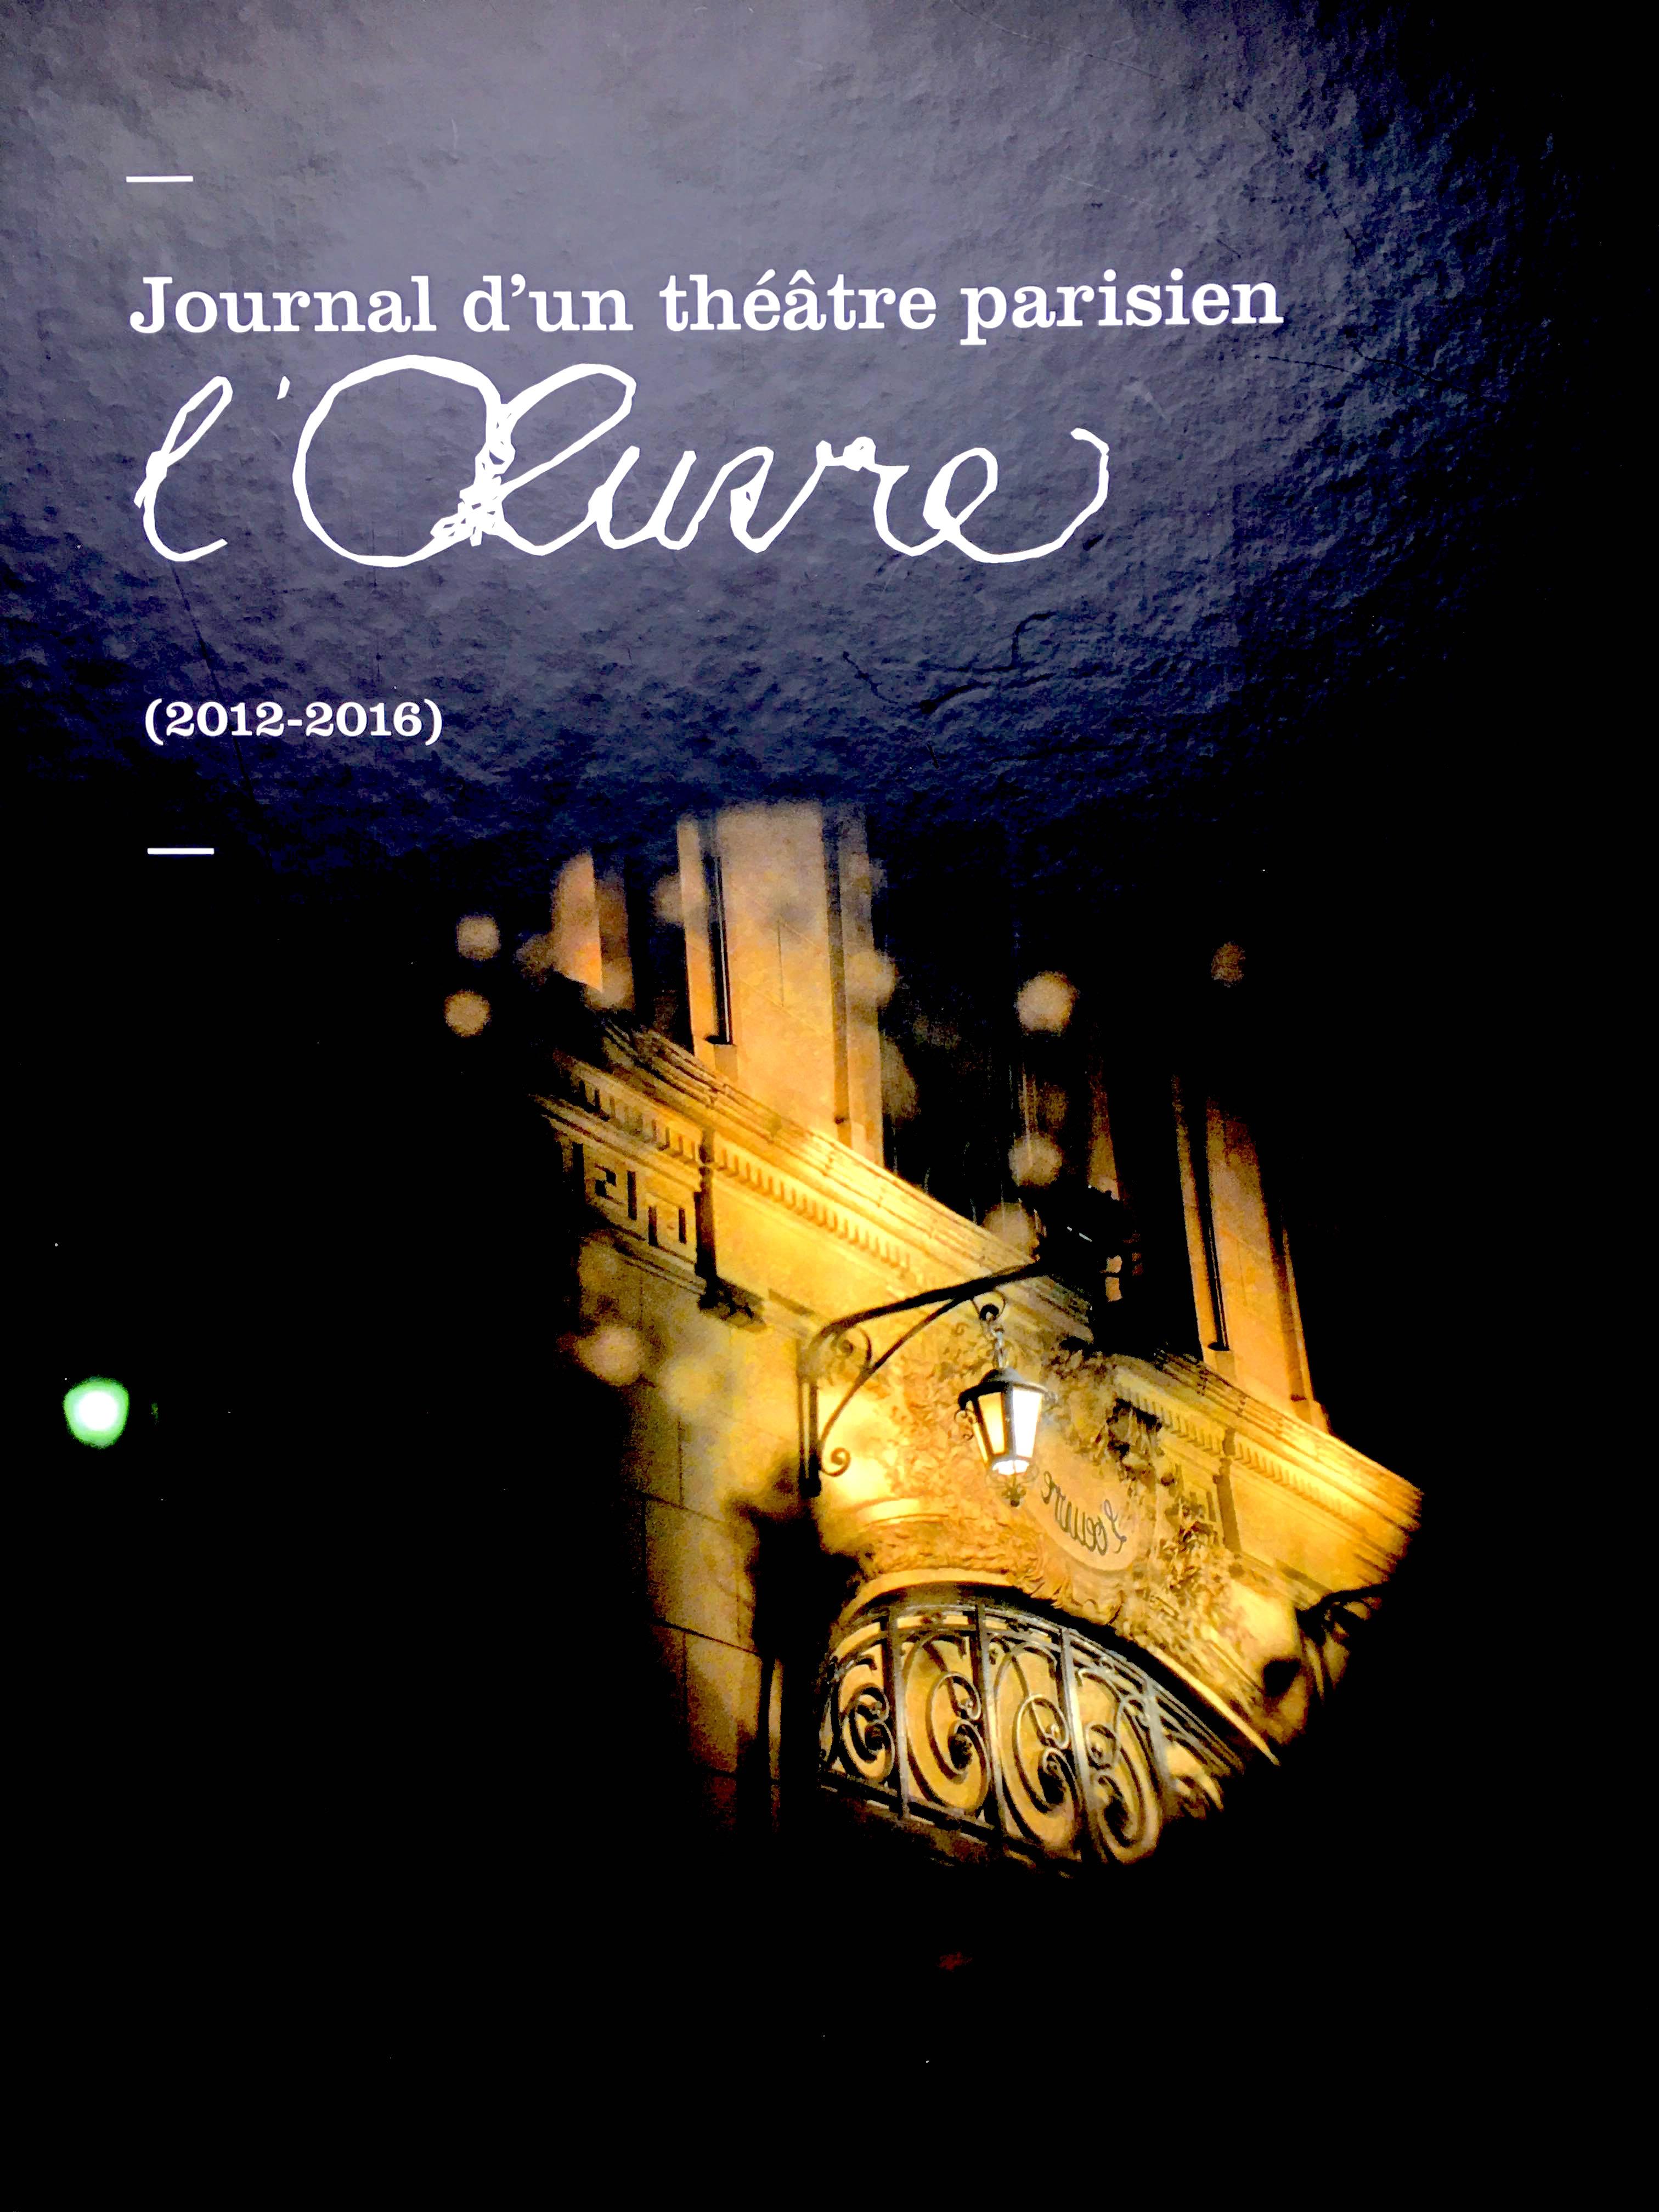 Journal d'un théâtre parisien, l'Œuvre, Frédéric Franck, La Voie Lactée